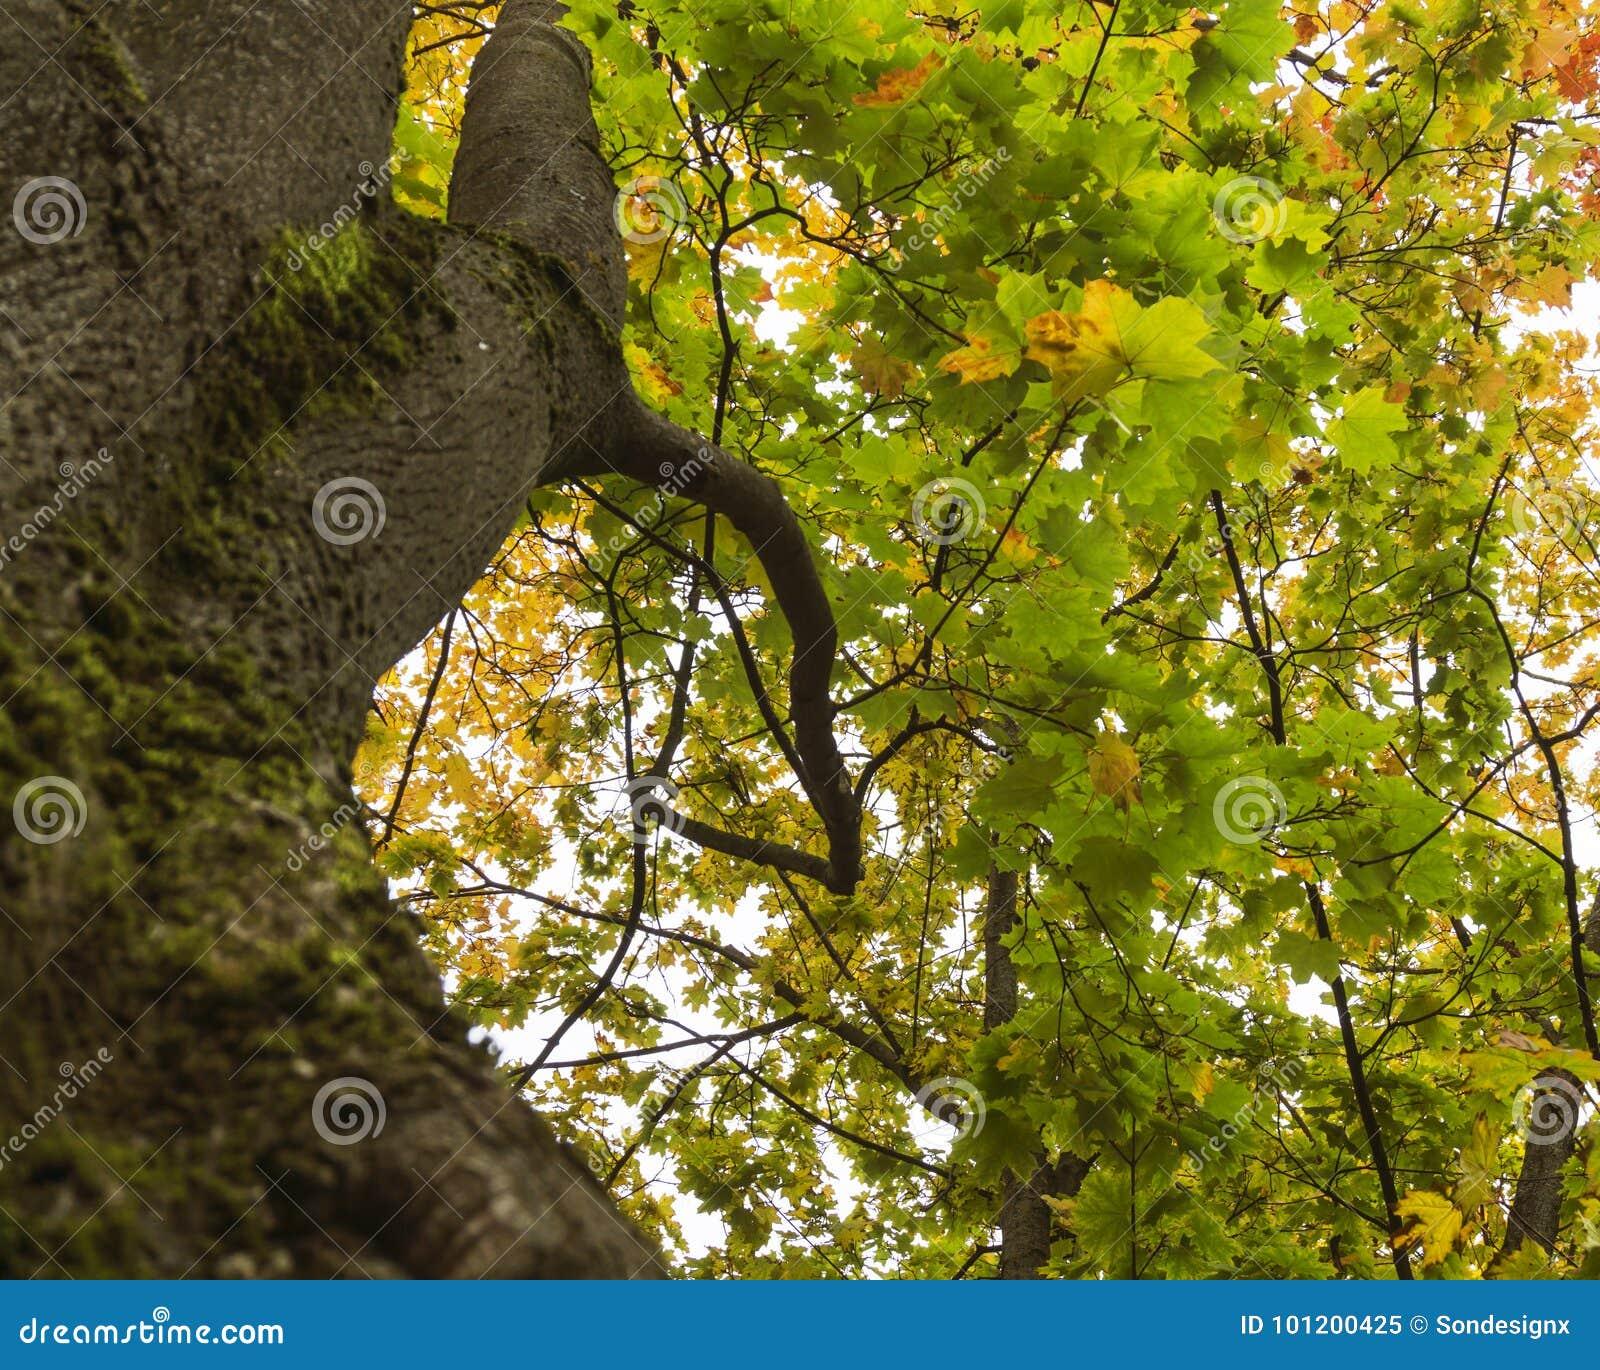 Asombroso árbol De La Caída Del Arte Del Uña Bosquejo - Ideas Para ...